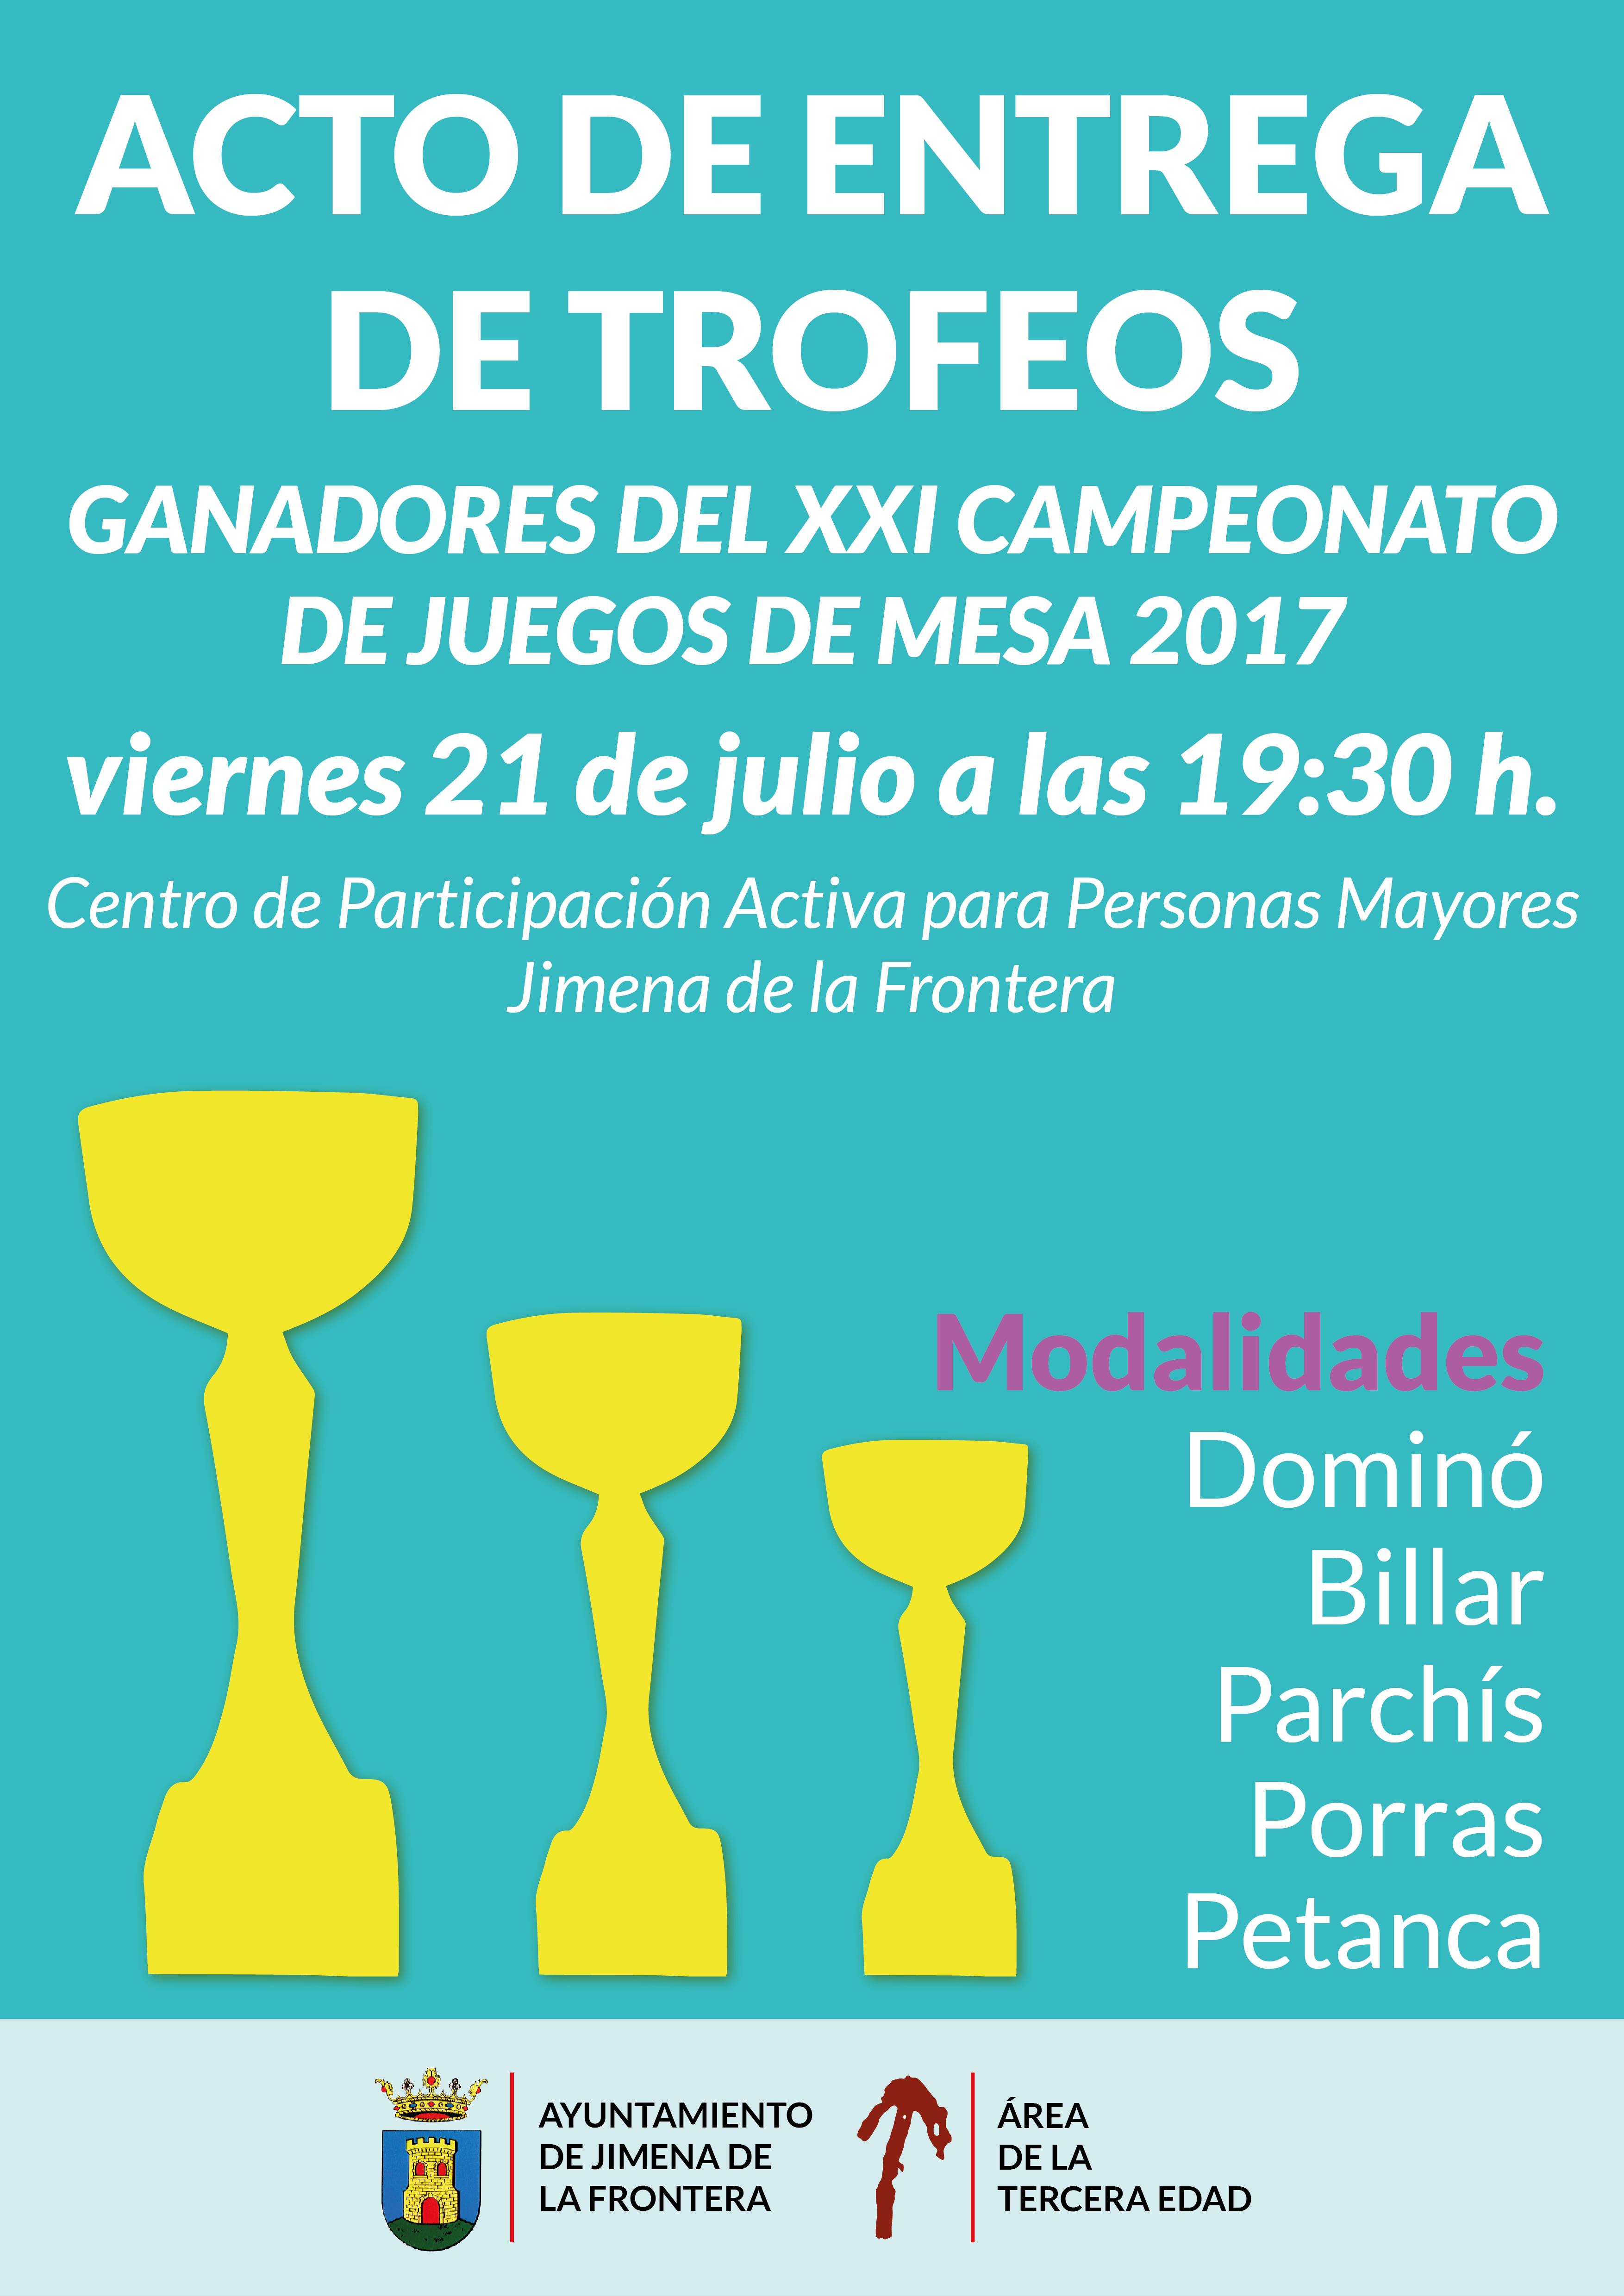 Acto De Entrega De Trofeos Del Xxi Campeonato De Juegos De Mesa 2017